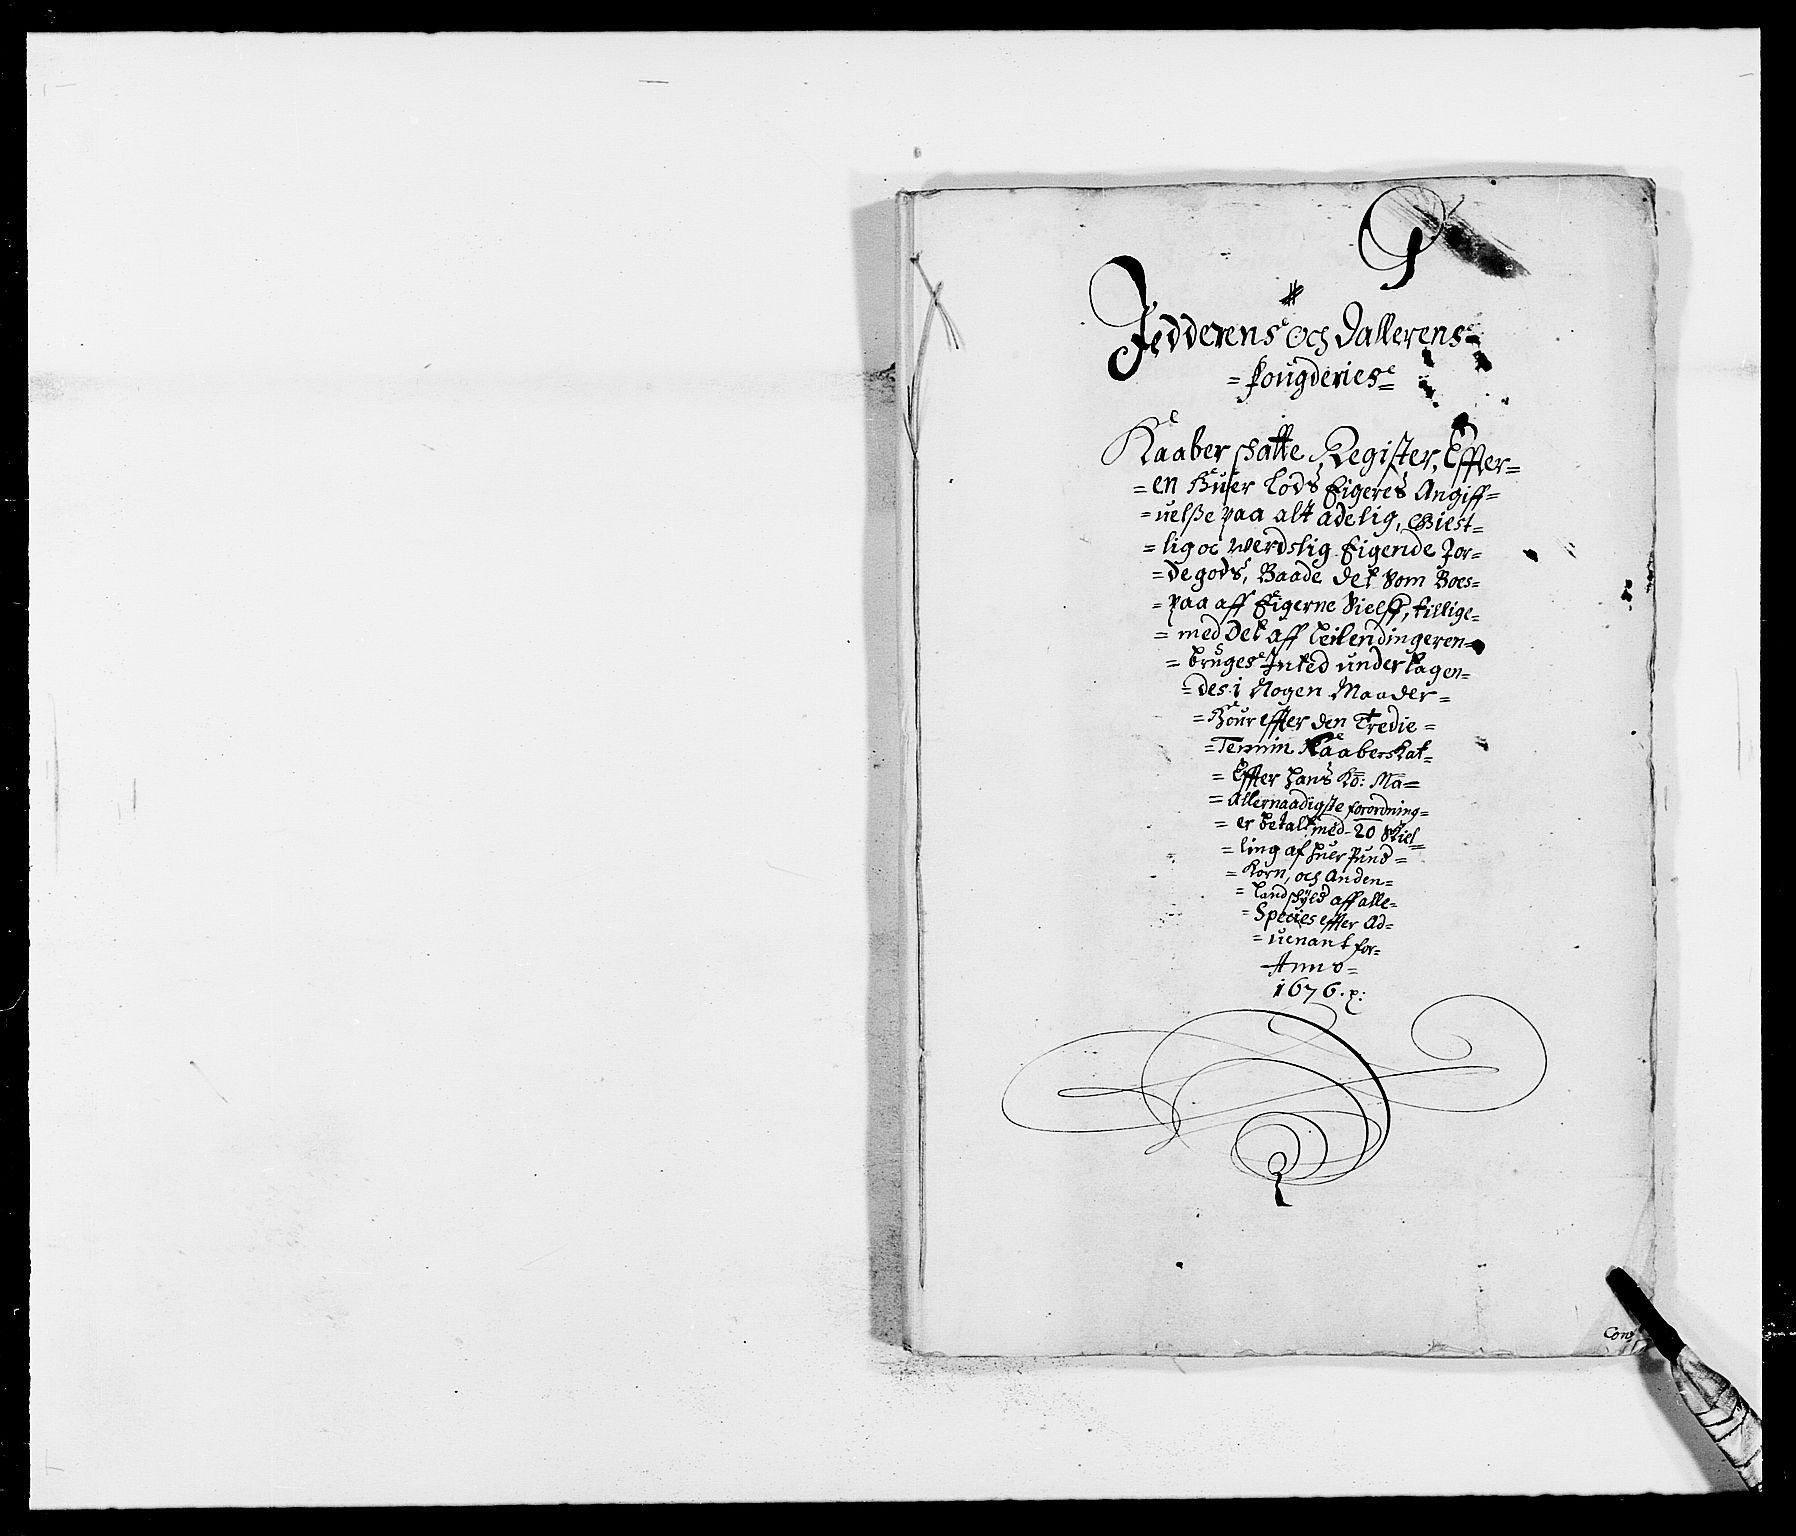 RA, Rentekammeret inntil 1814, Reviderte regnskaper, Fogderegnskap, R46/L2716: Fogderegnskap Jæren og Dalane, 1676, s. 211